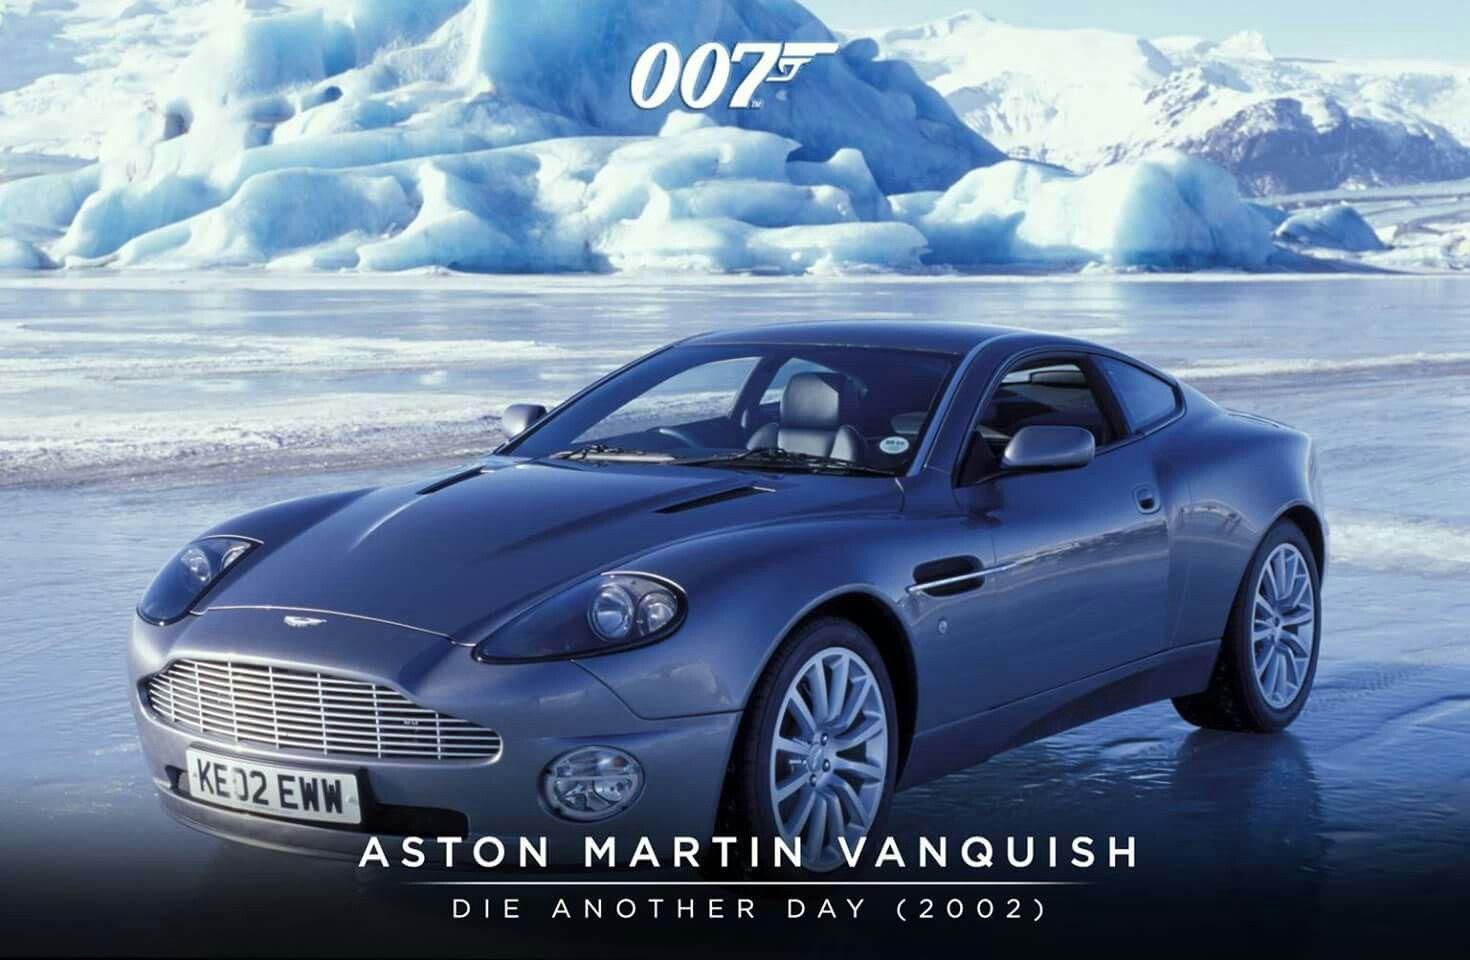 aston martin vanquish   007: die another day   pinterest   aston